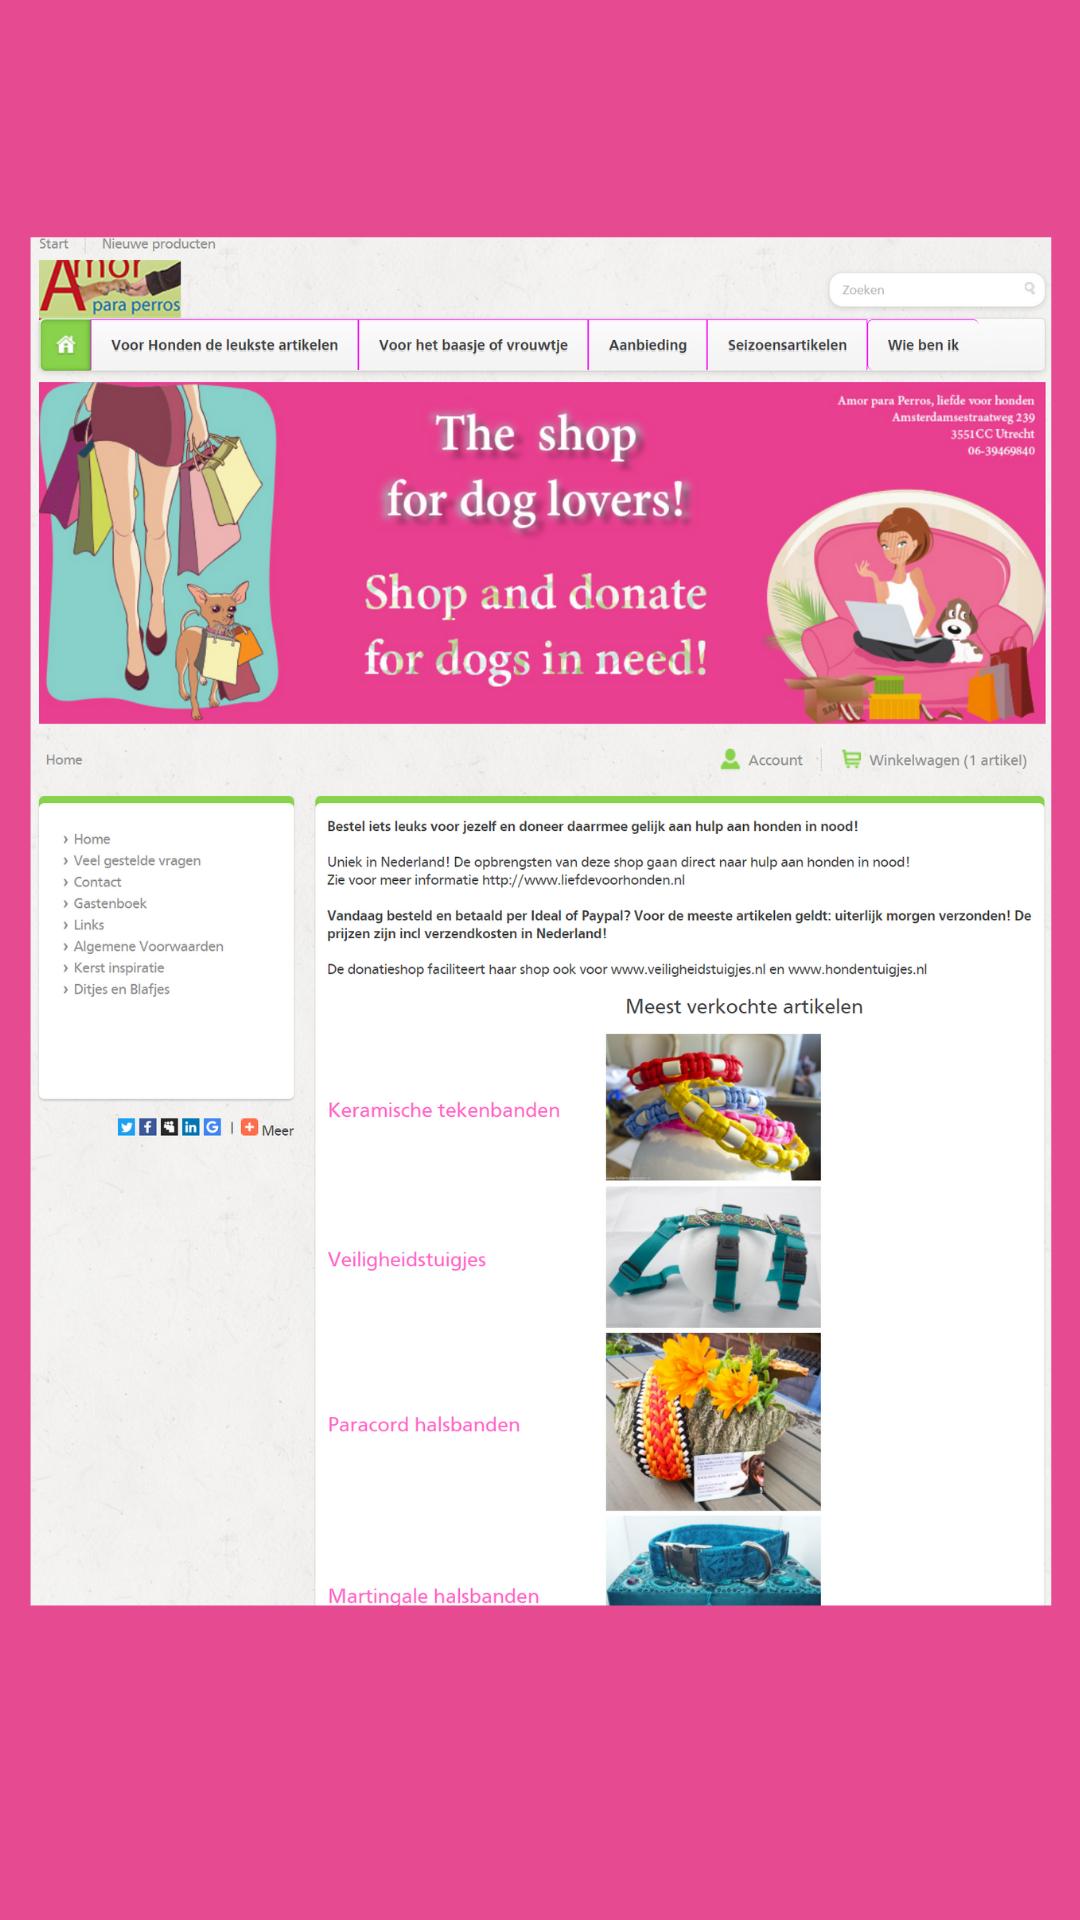 link naar de webwinkel donatieshop